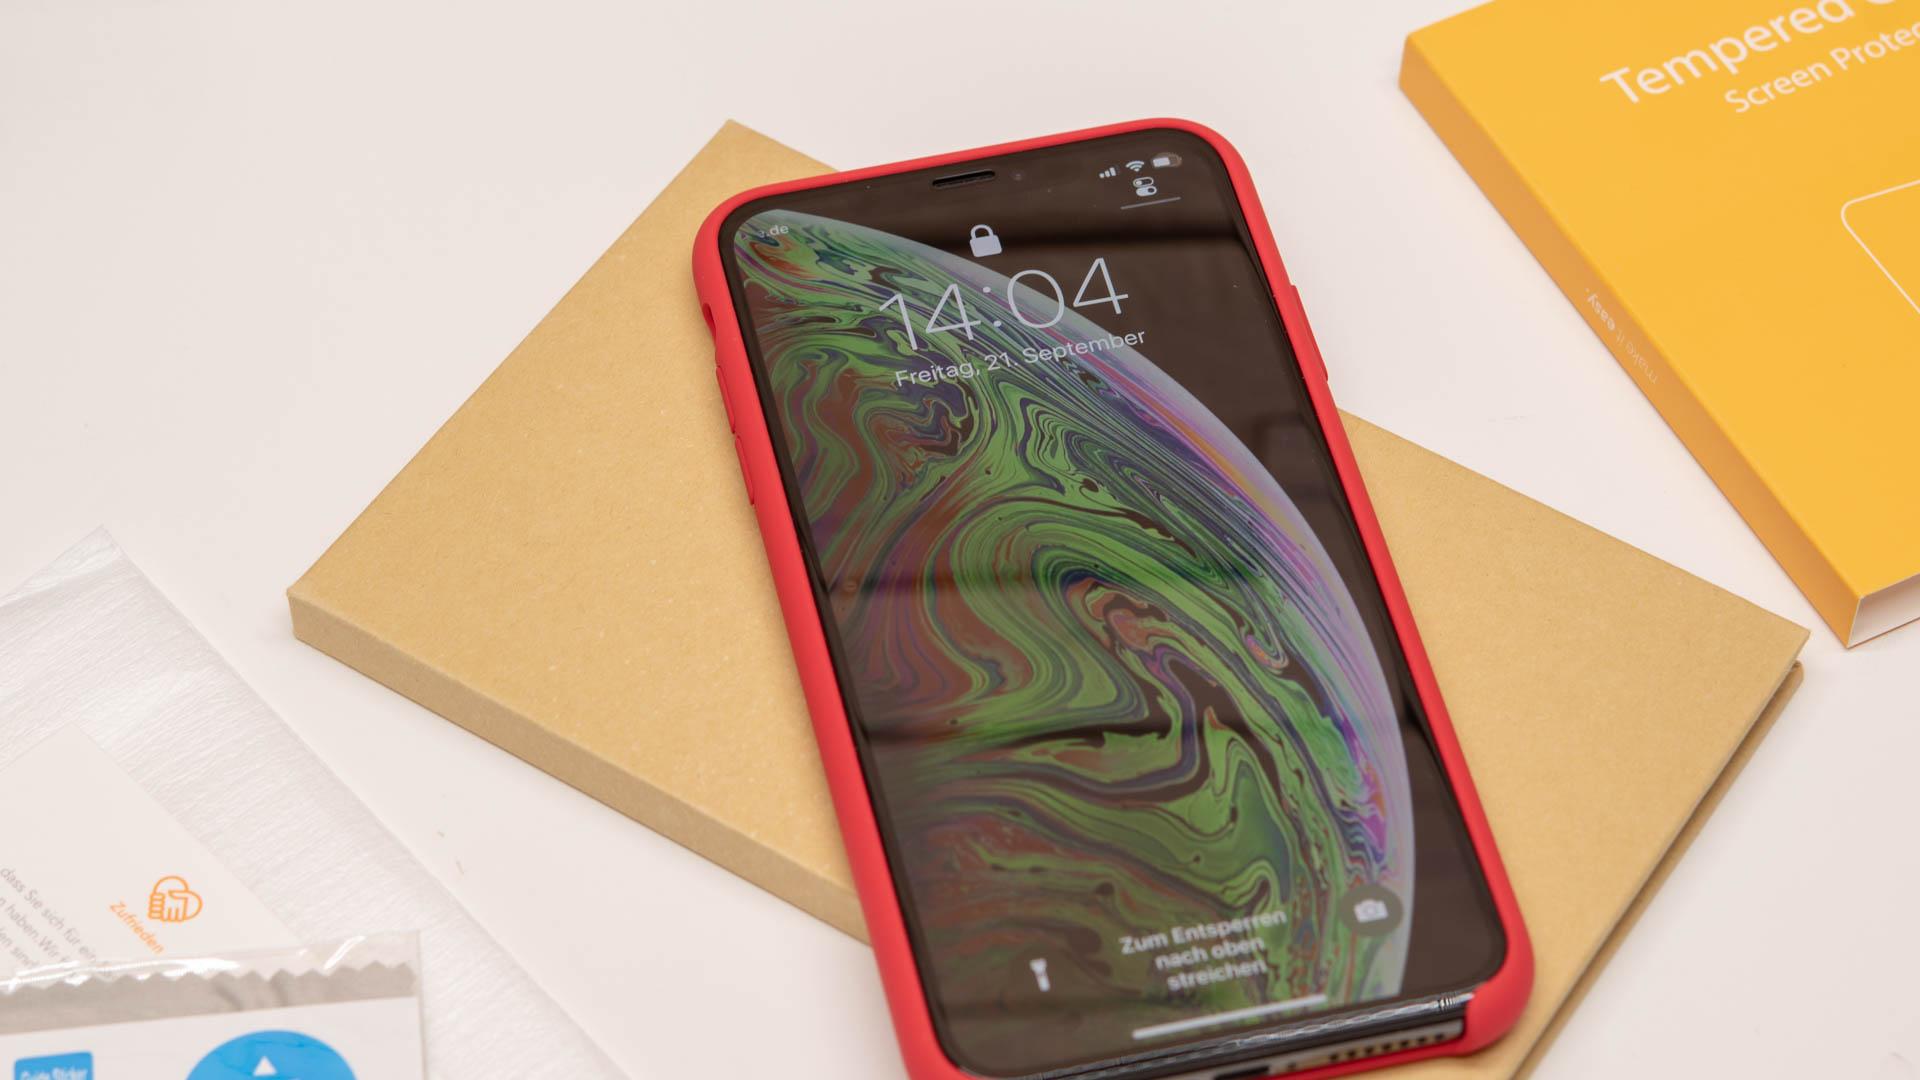 8x Displayschützer Für Das Iphone Xs Xs Max Im Vergleich Welcher